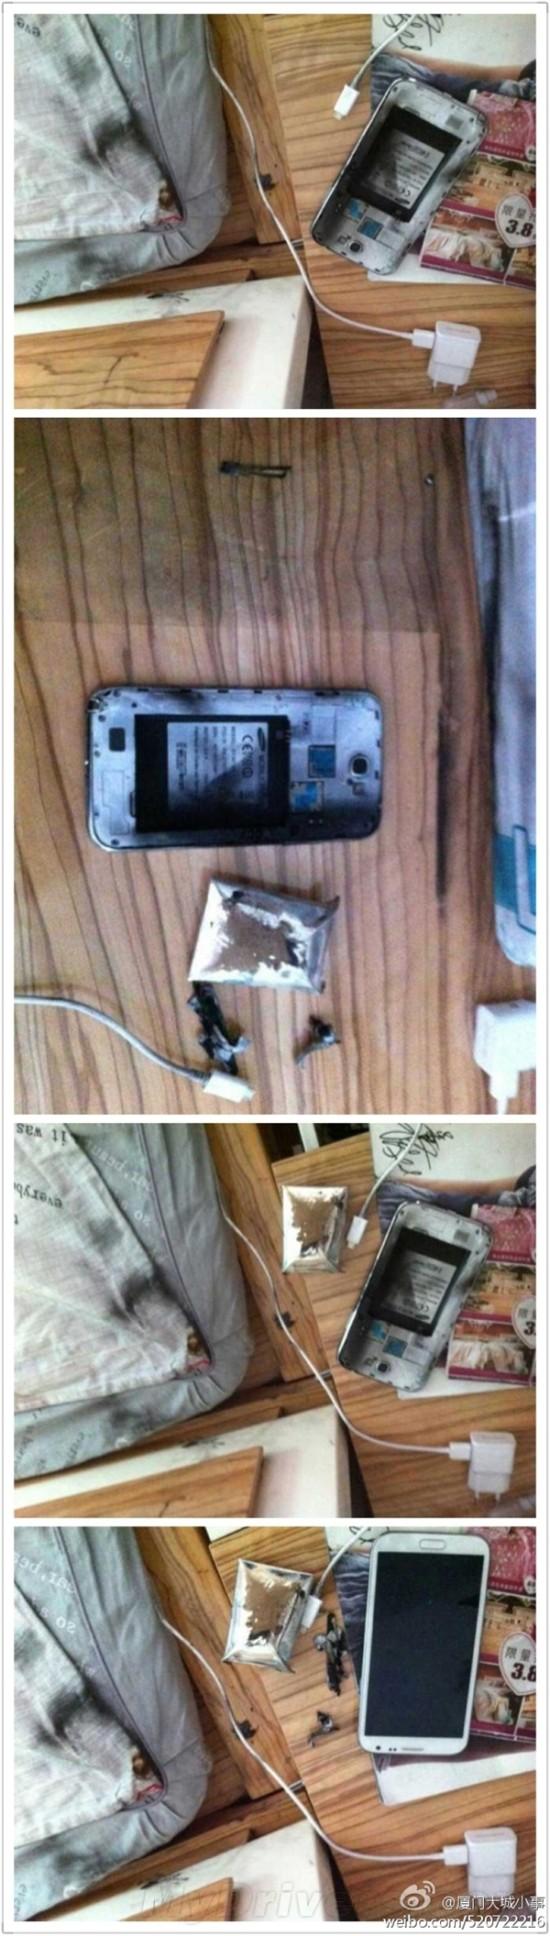 三星Galaxy Note 2充电时突然爆炸